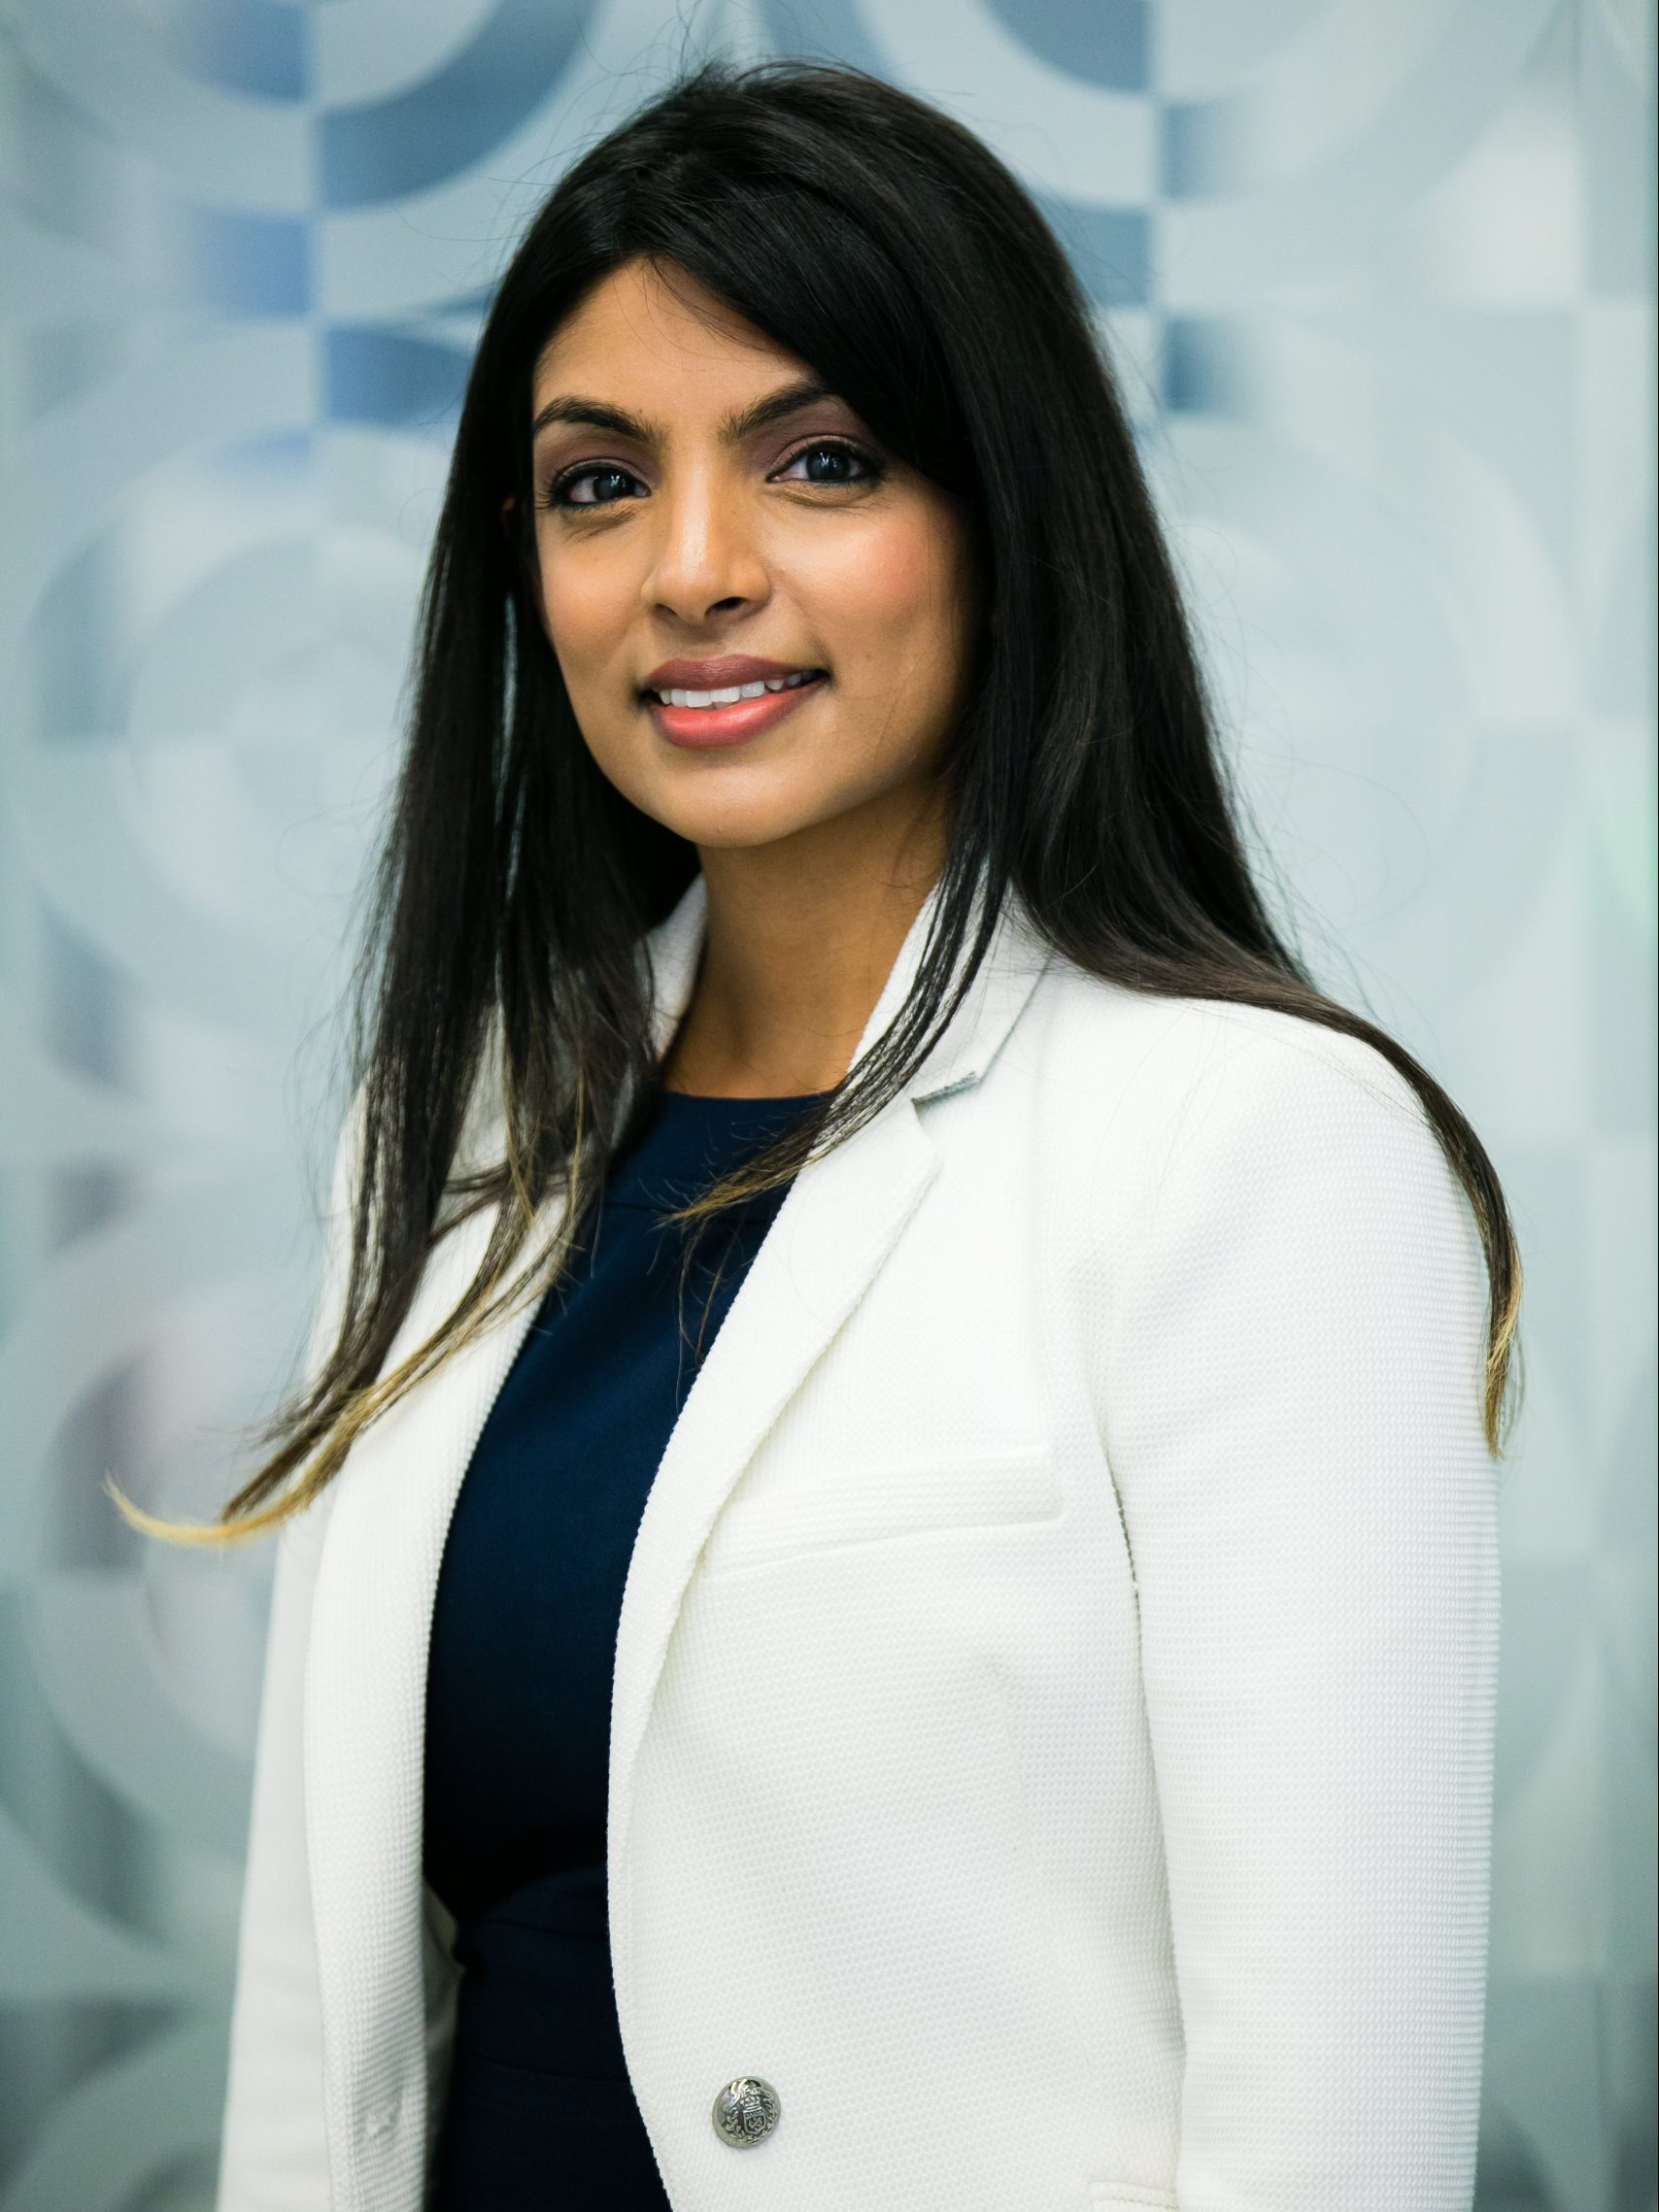 Sameera Desai